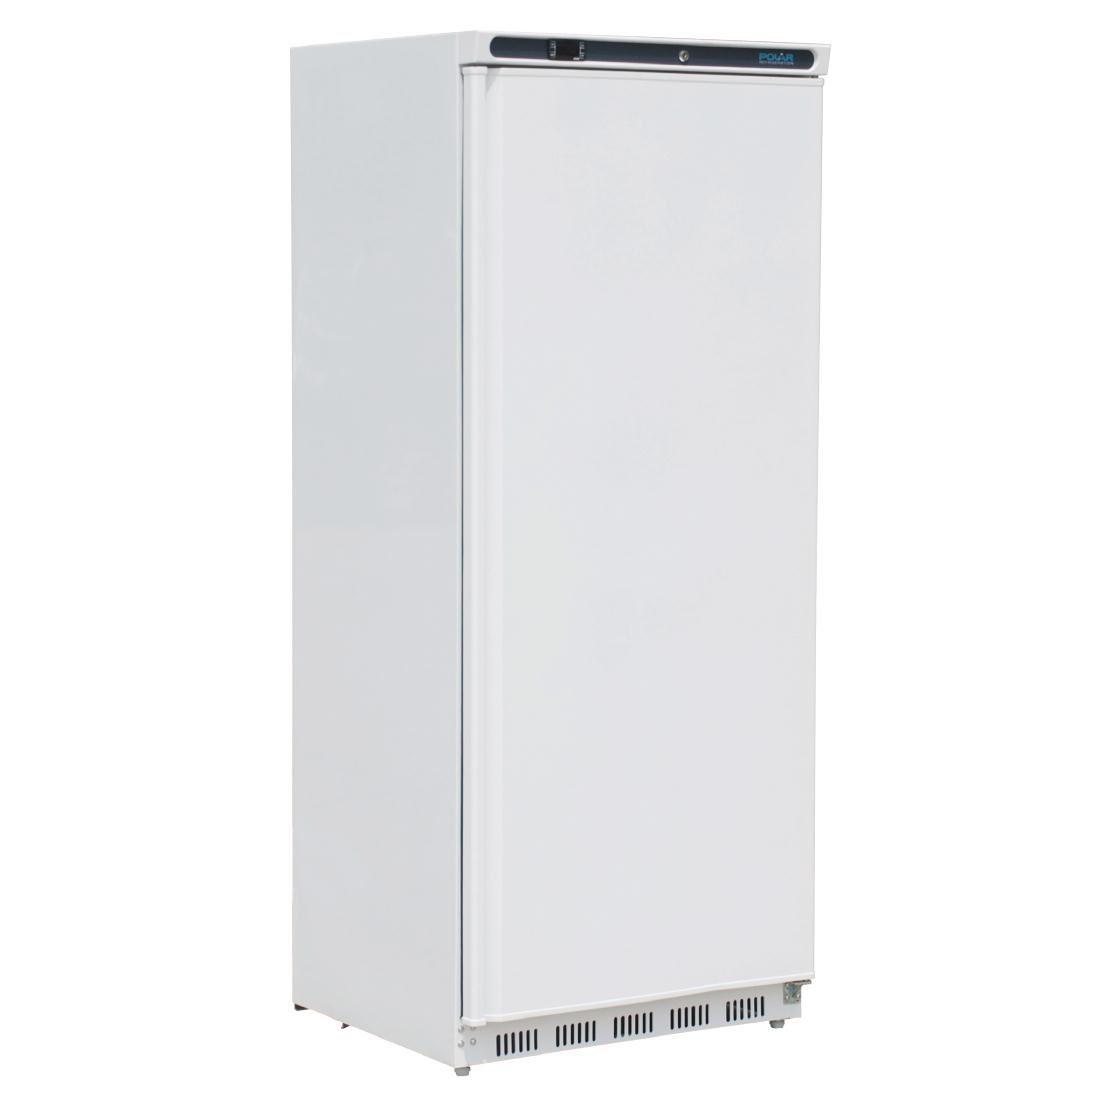 Polar Light Duty Single Door Fridge White 600Ltr Commercial Kitchen  Refrigerator ...